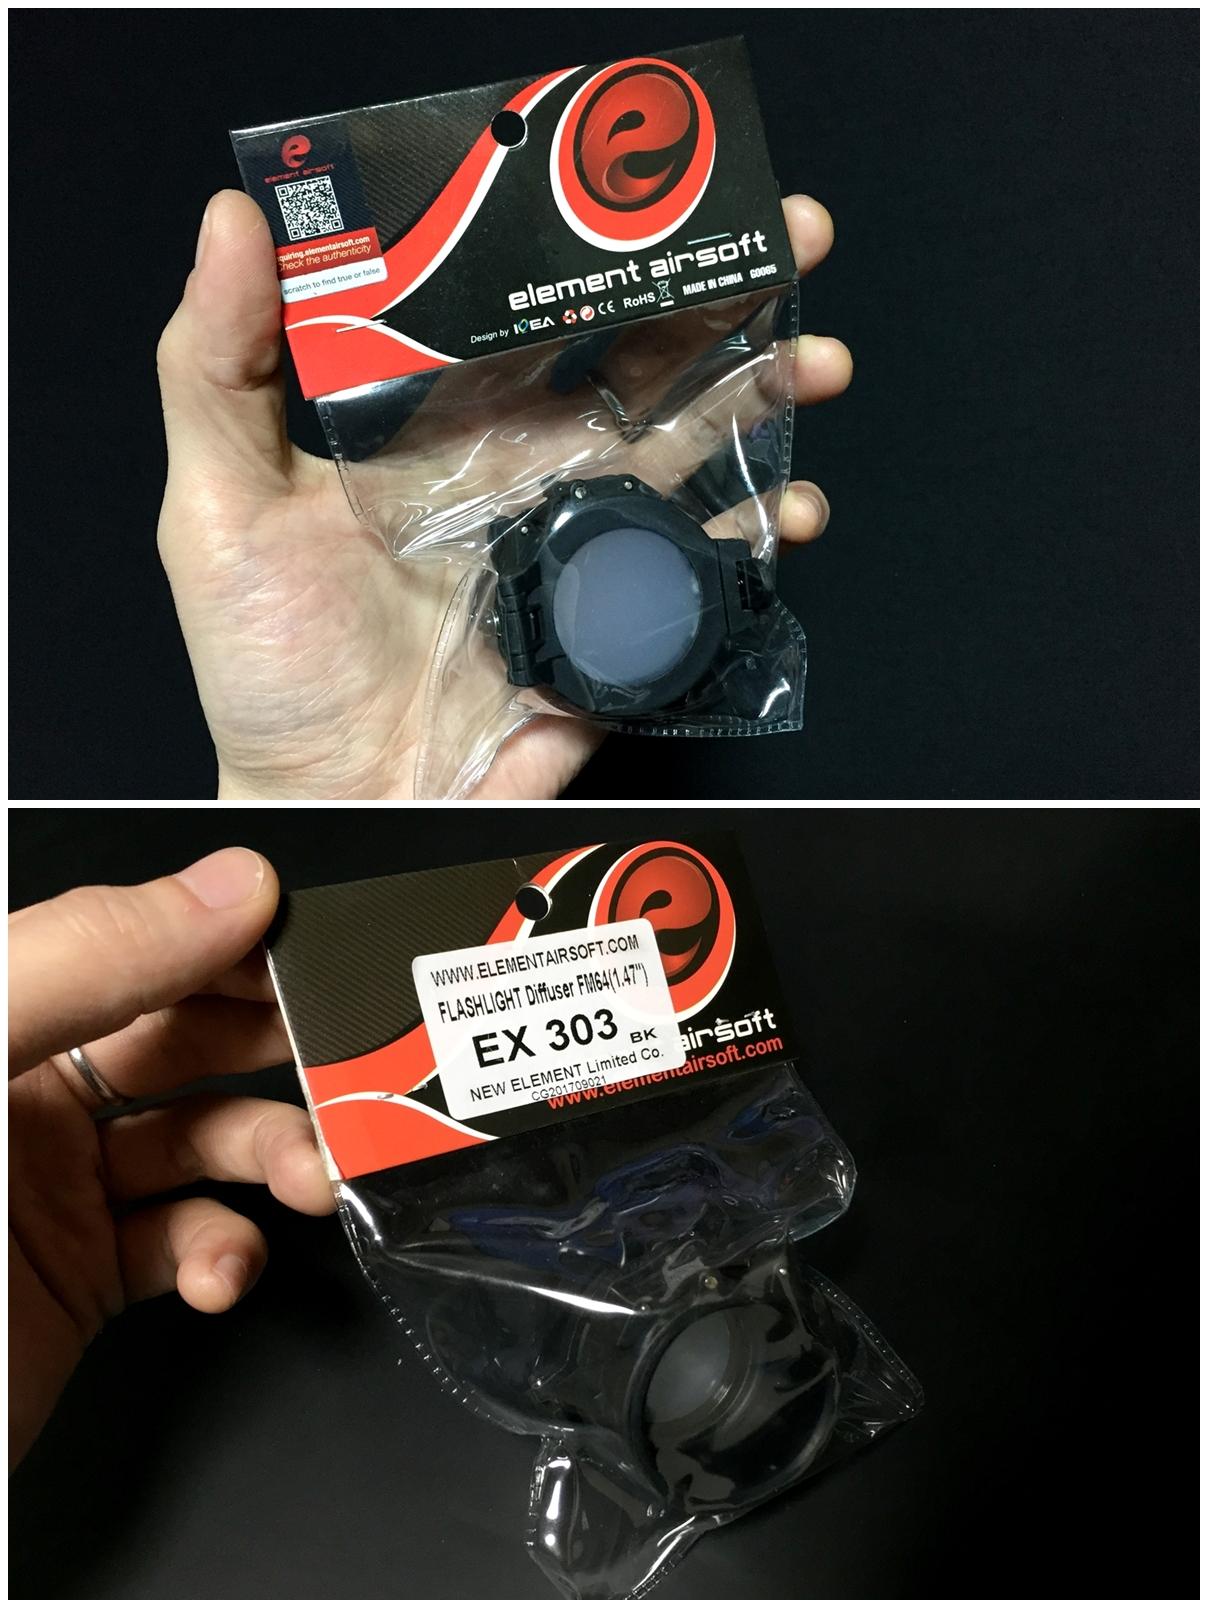 1 ELEMENT フラッシュライト ディフューザー フリップアップ式 カバー 1 47インチ 1 62インチ IRフィルター SUREFIRE タイプ レプリカ フラッシュライト カバー 比較 取付 加工 レビュー